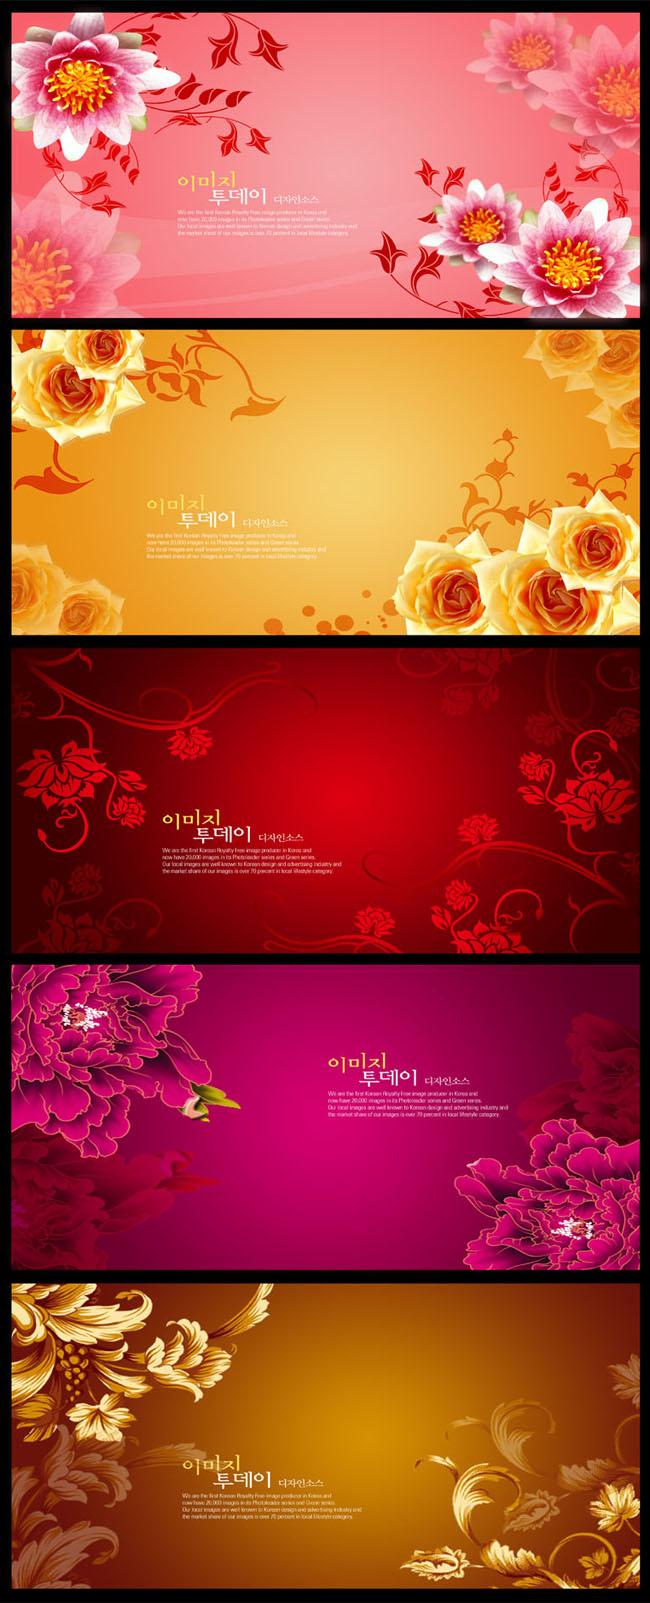 韩国花纹展板背景psd素材